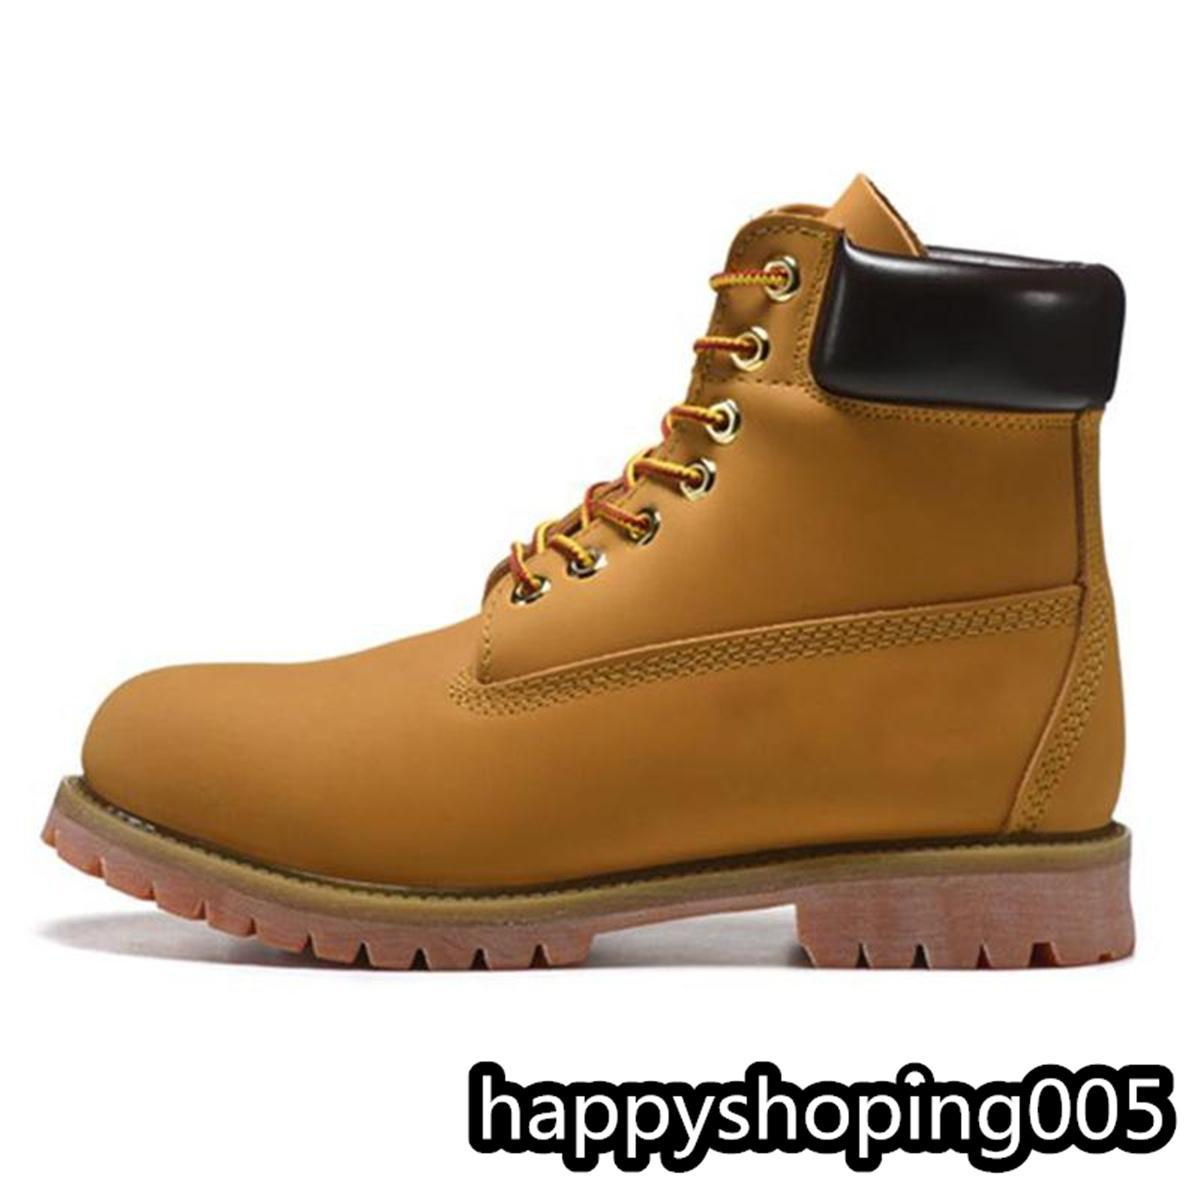 Kış erkek botları su geçirmez açık marka çift deri sıcak kar botları rahat erkek ayakkabı dağcılık spor ayakkabı